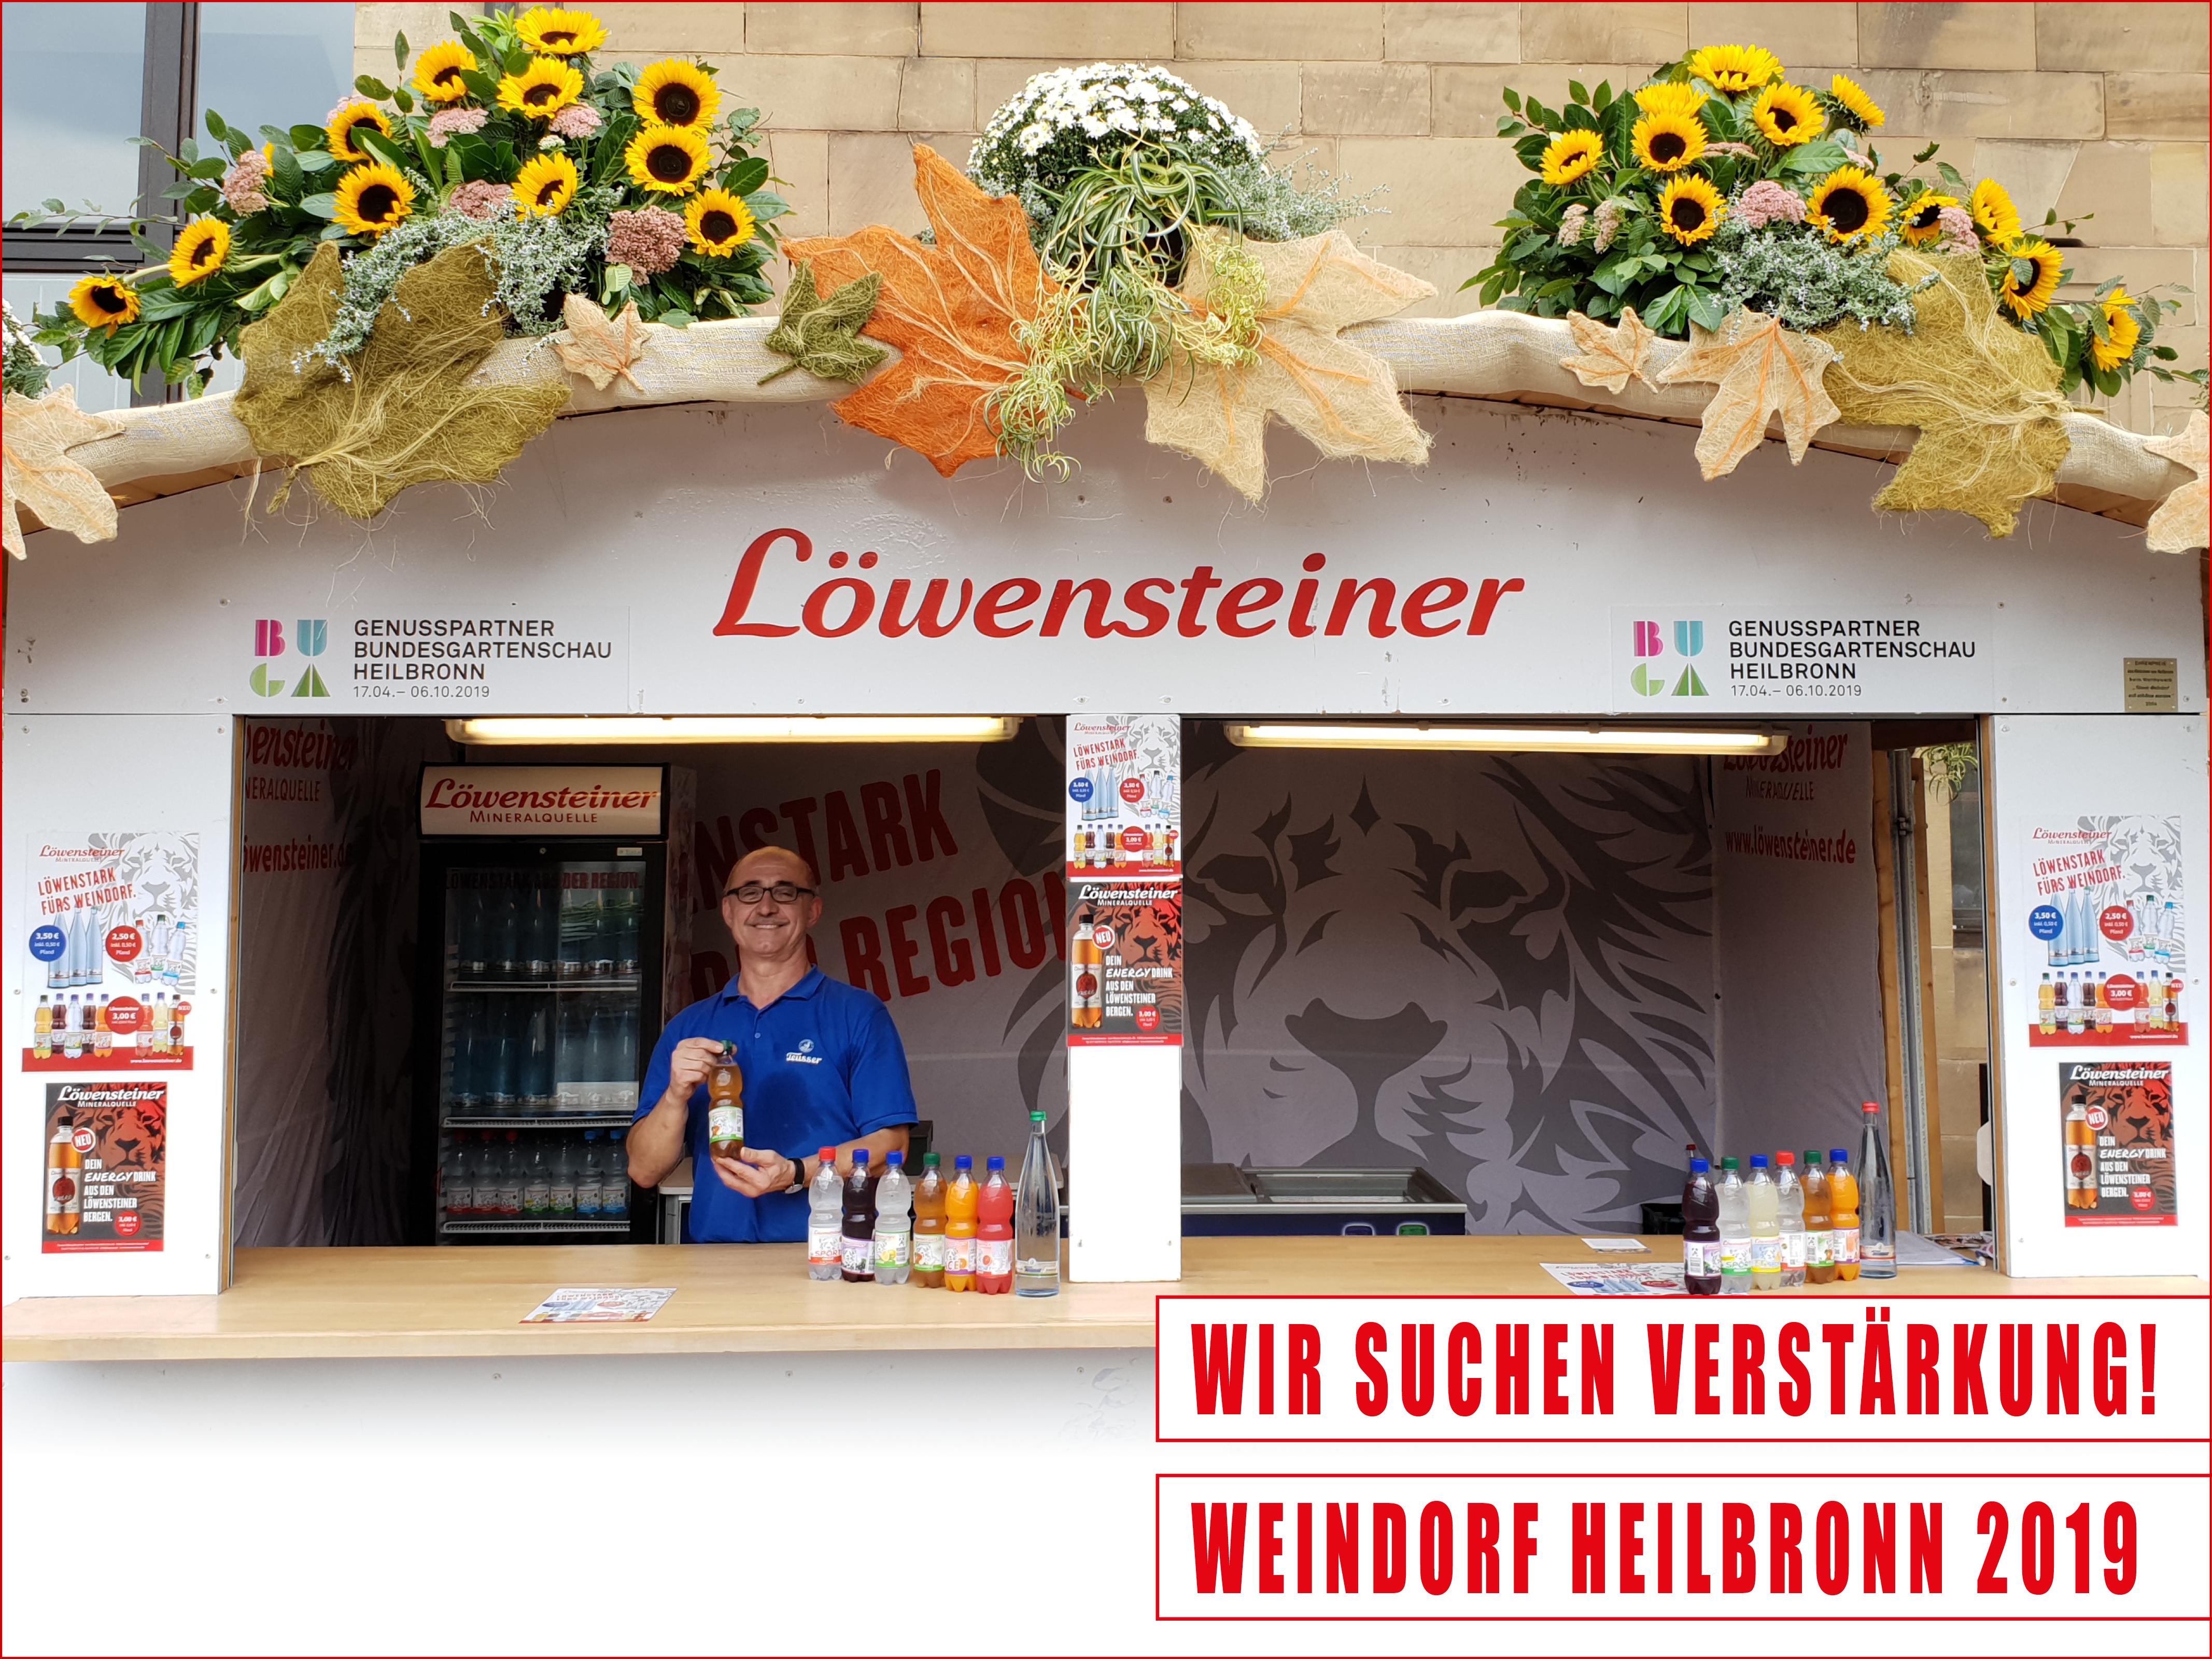 Wir suchen STUDENTISCHE AUSHILFEN (m/w/d) für WEINDORF Heilbronn 2019